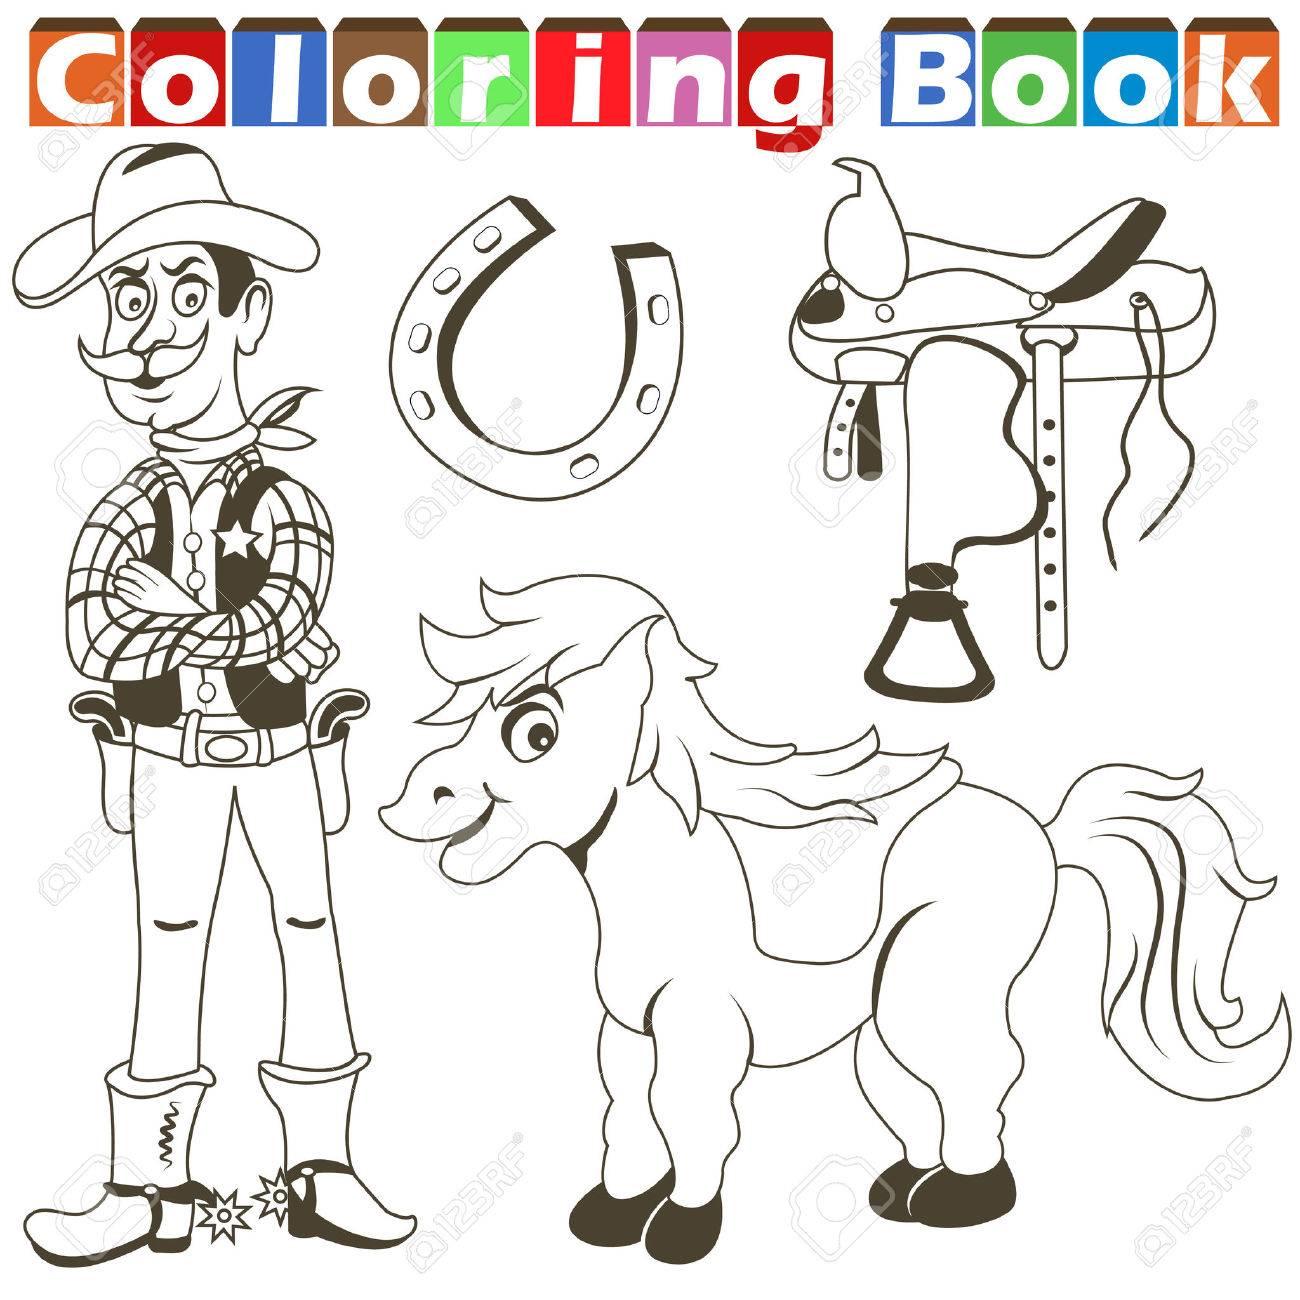 Groß Cowboy Malbuch Ideen - Druckbare Malvorlagen - amaichi.info